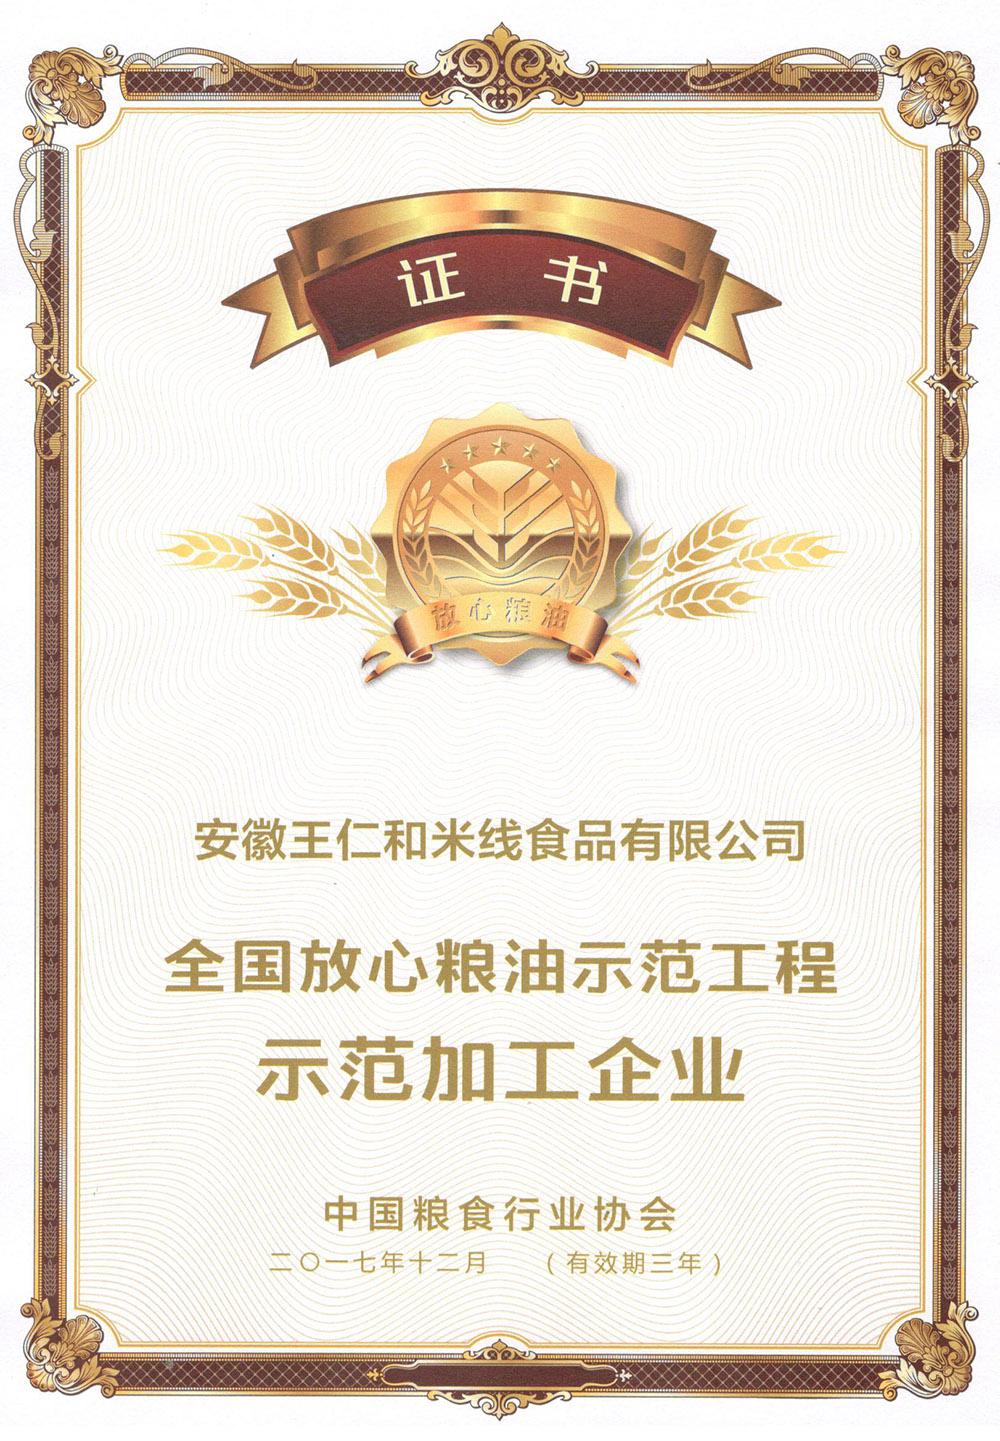 王仁和米线-全国放心粮油示范加工企业